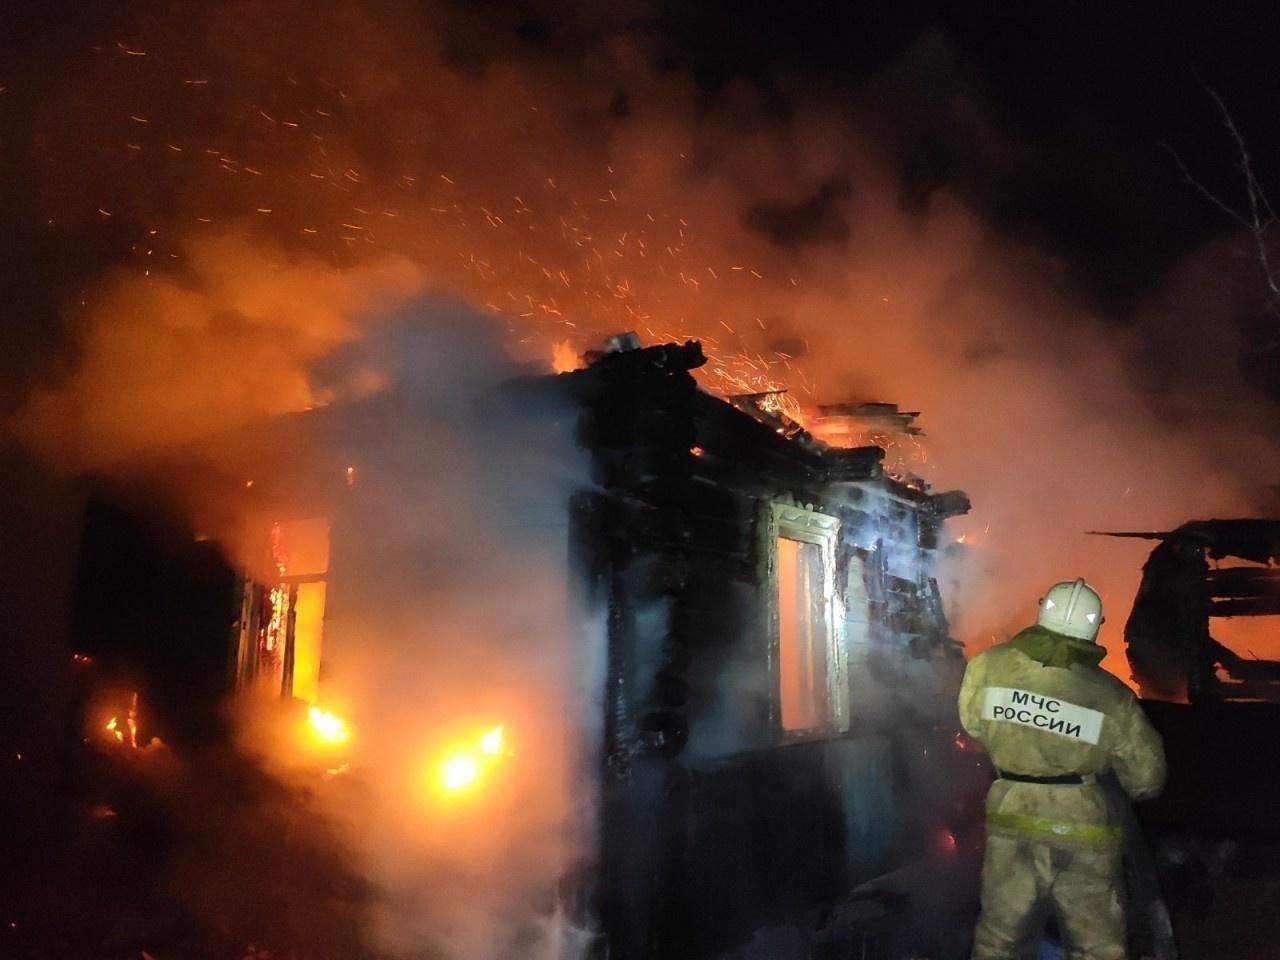 Пожар в жилом доме в городском округе Пушкино